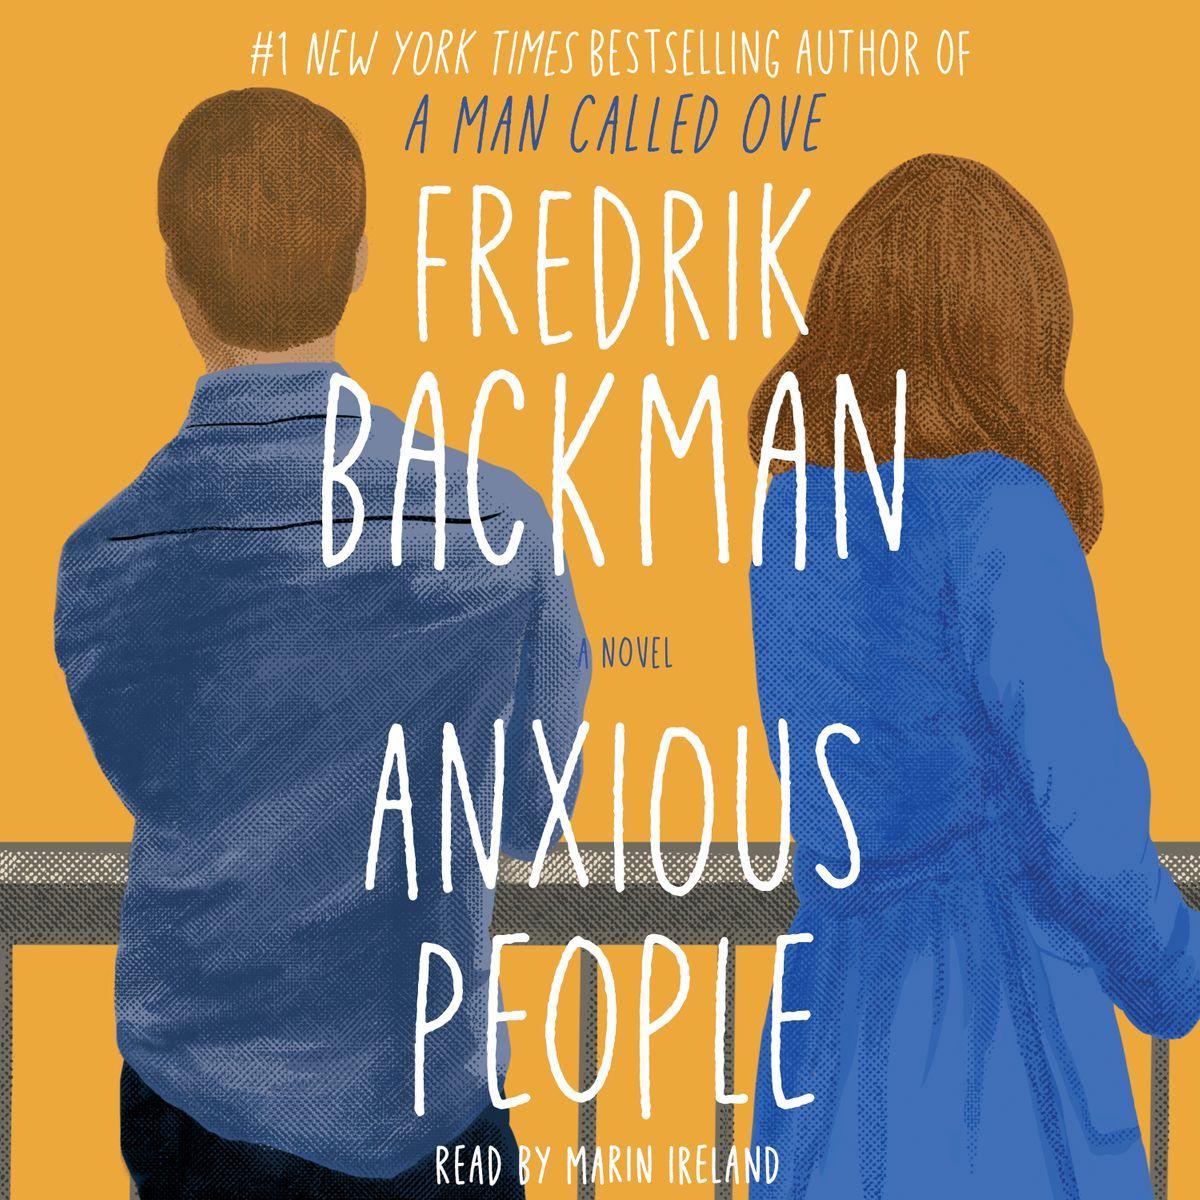 Anxious People- Fredrik Backman's bestseller